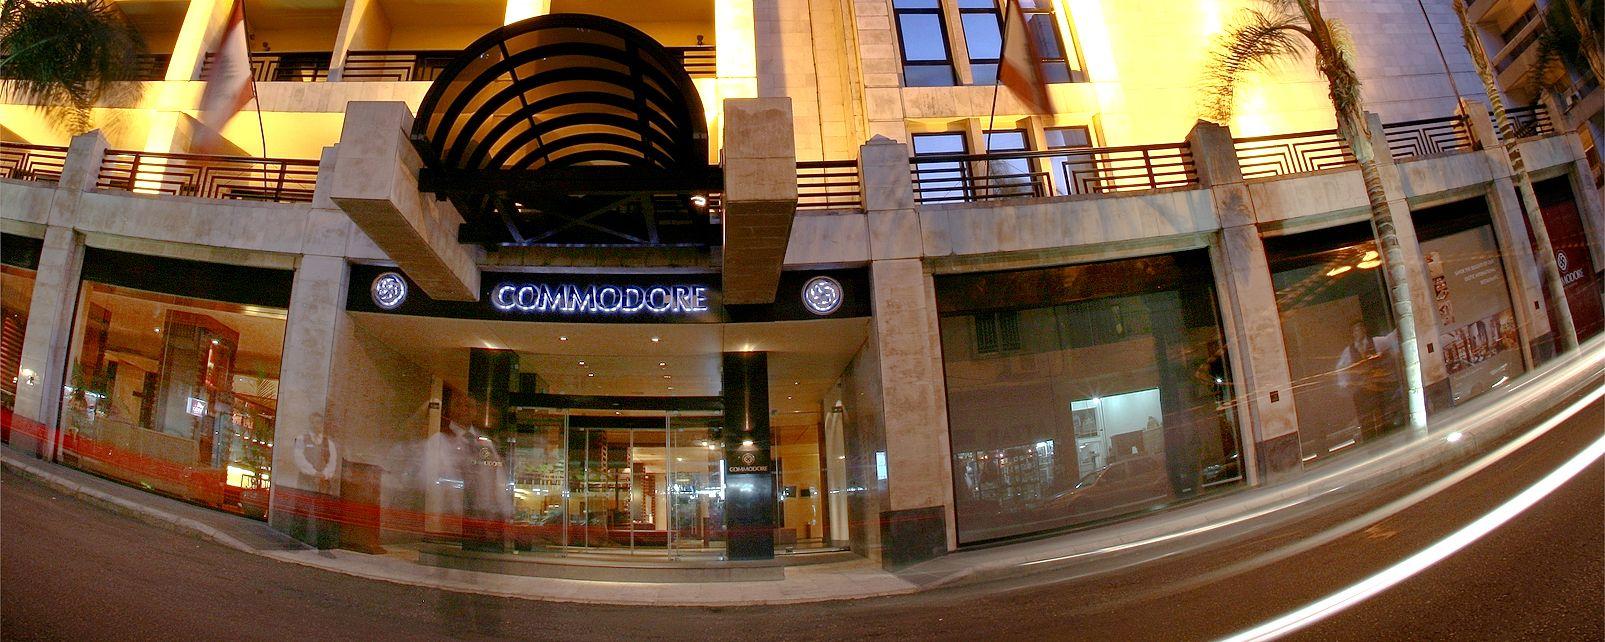 Hôtel Le Commodore Hotel